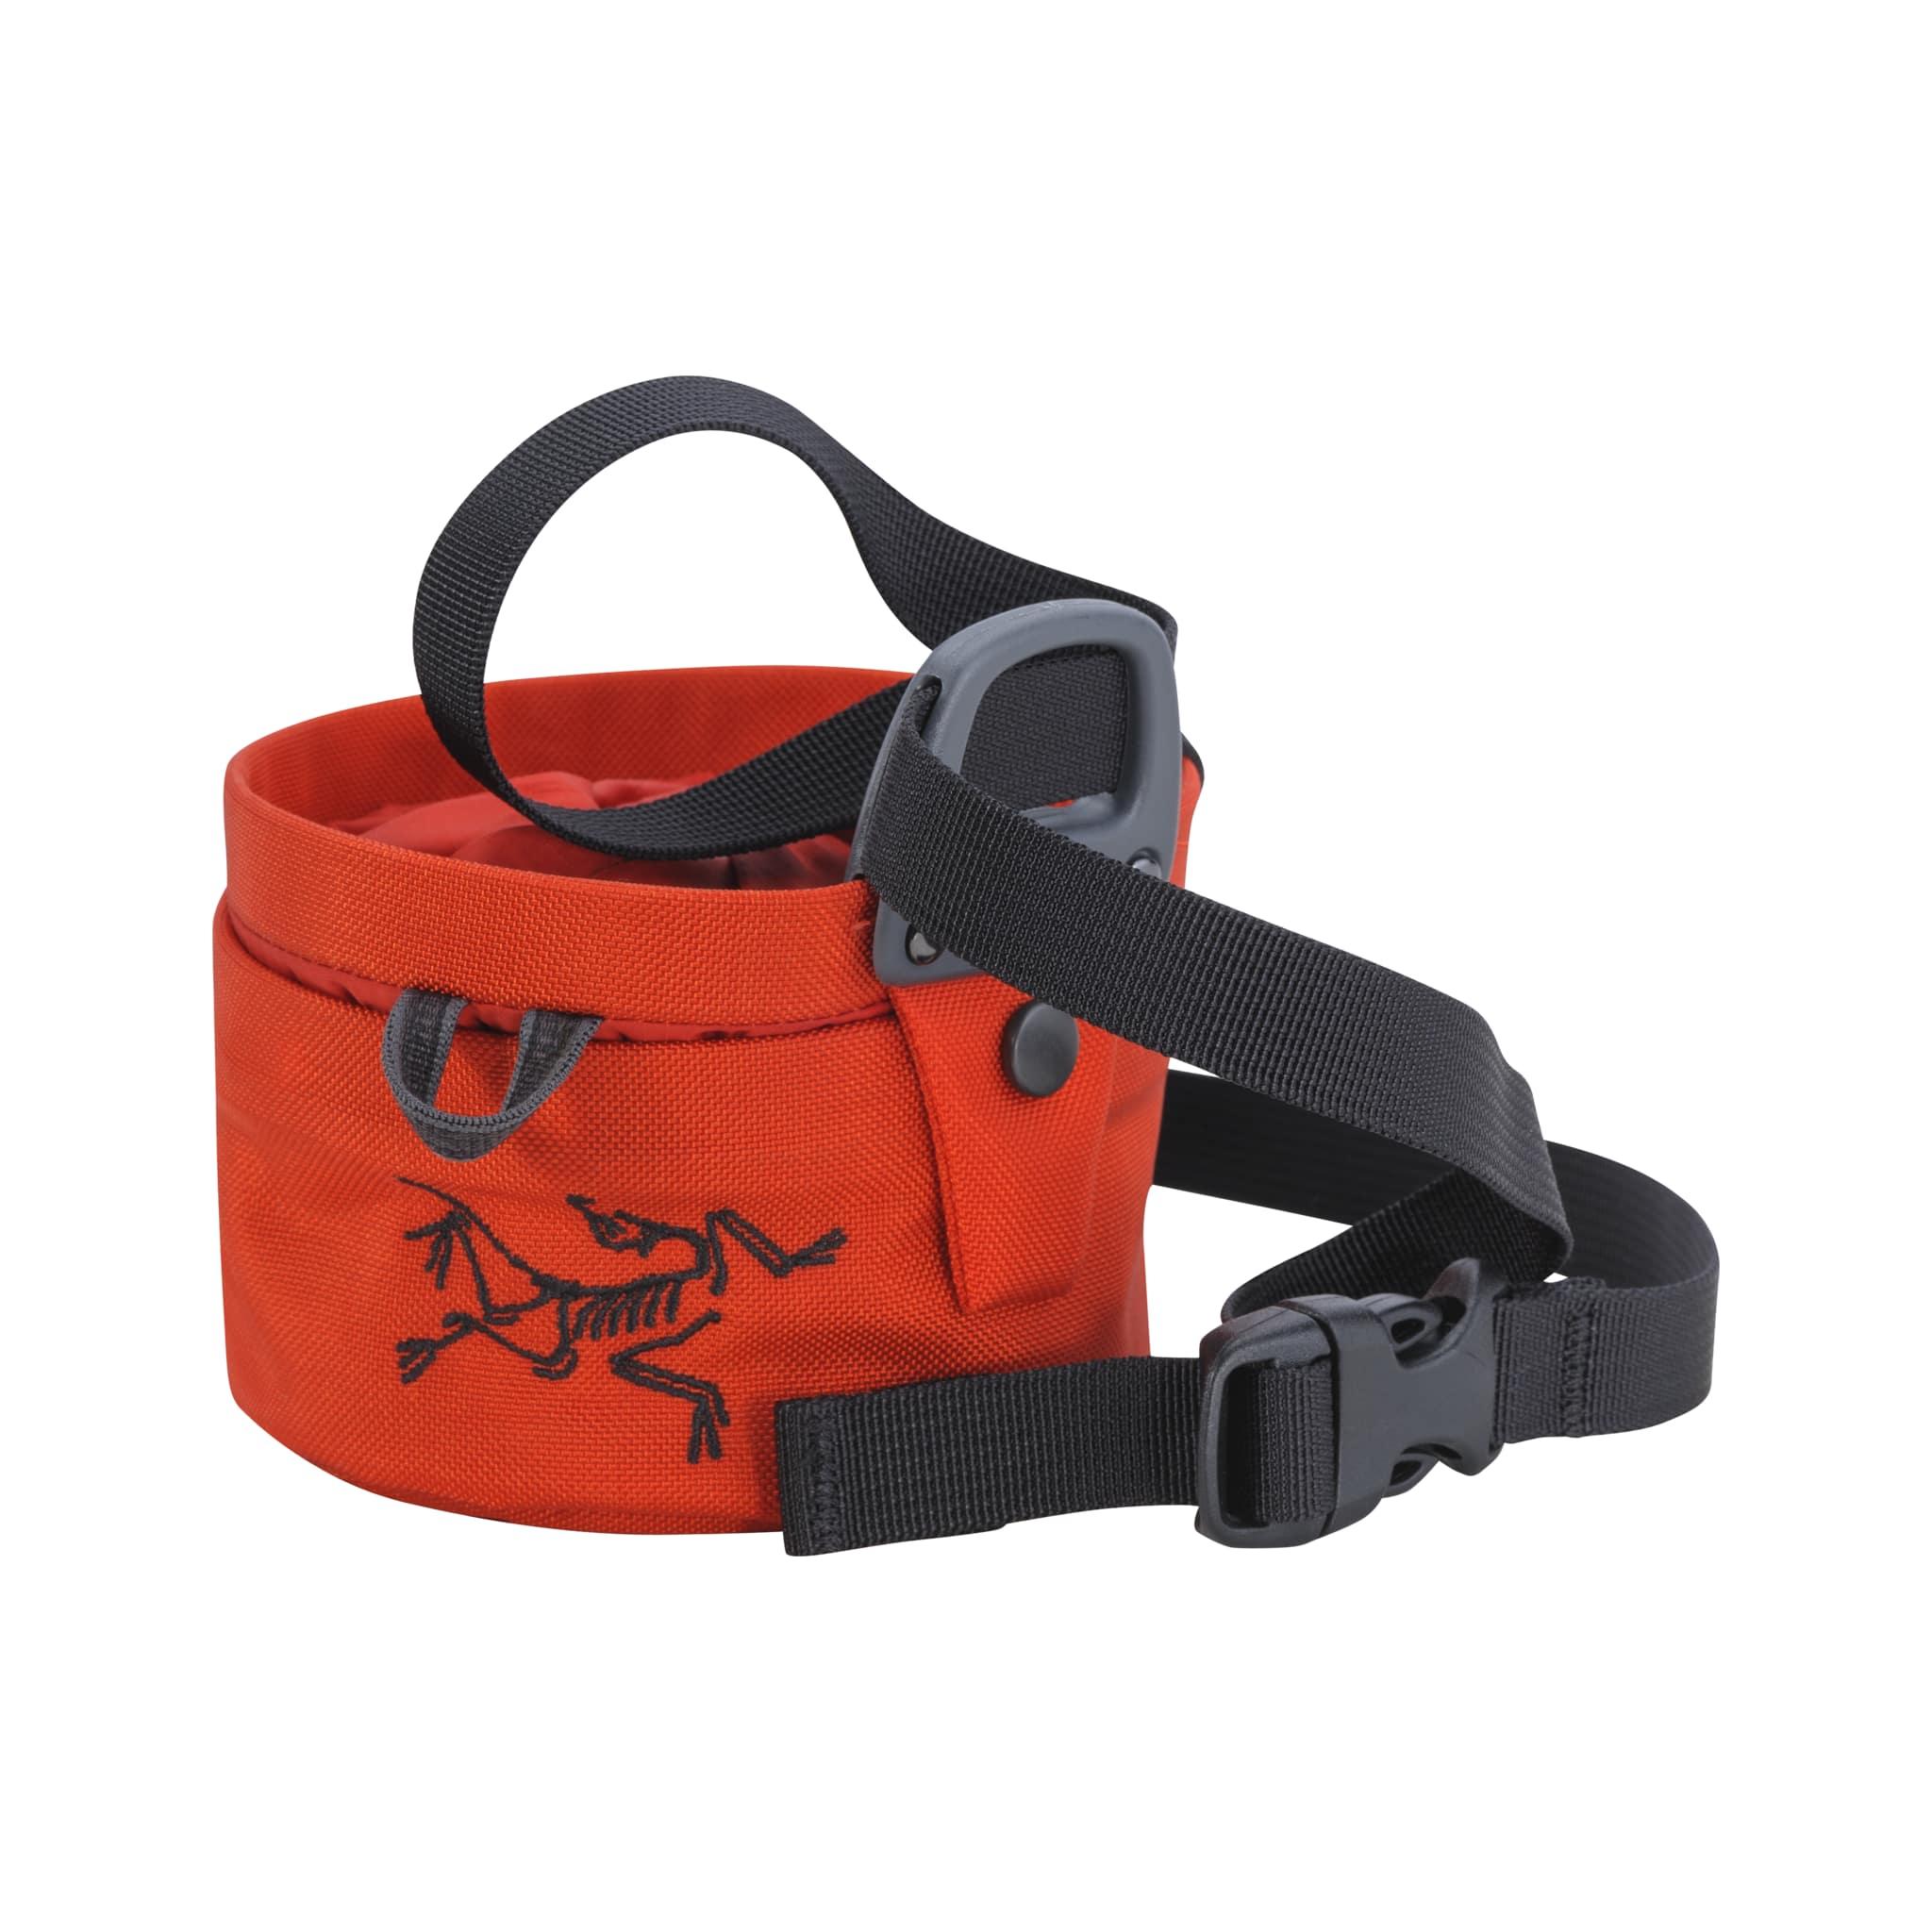 Smart kalkpose med vrilukking, 2 størrelser